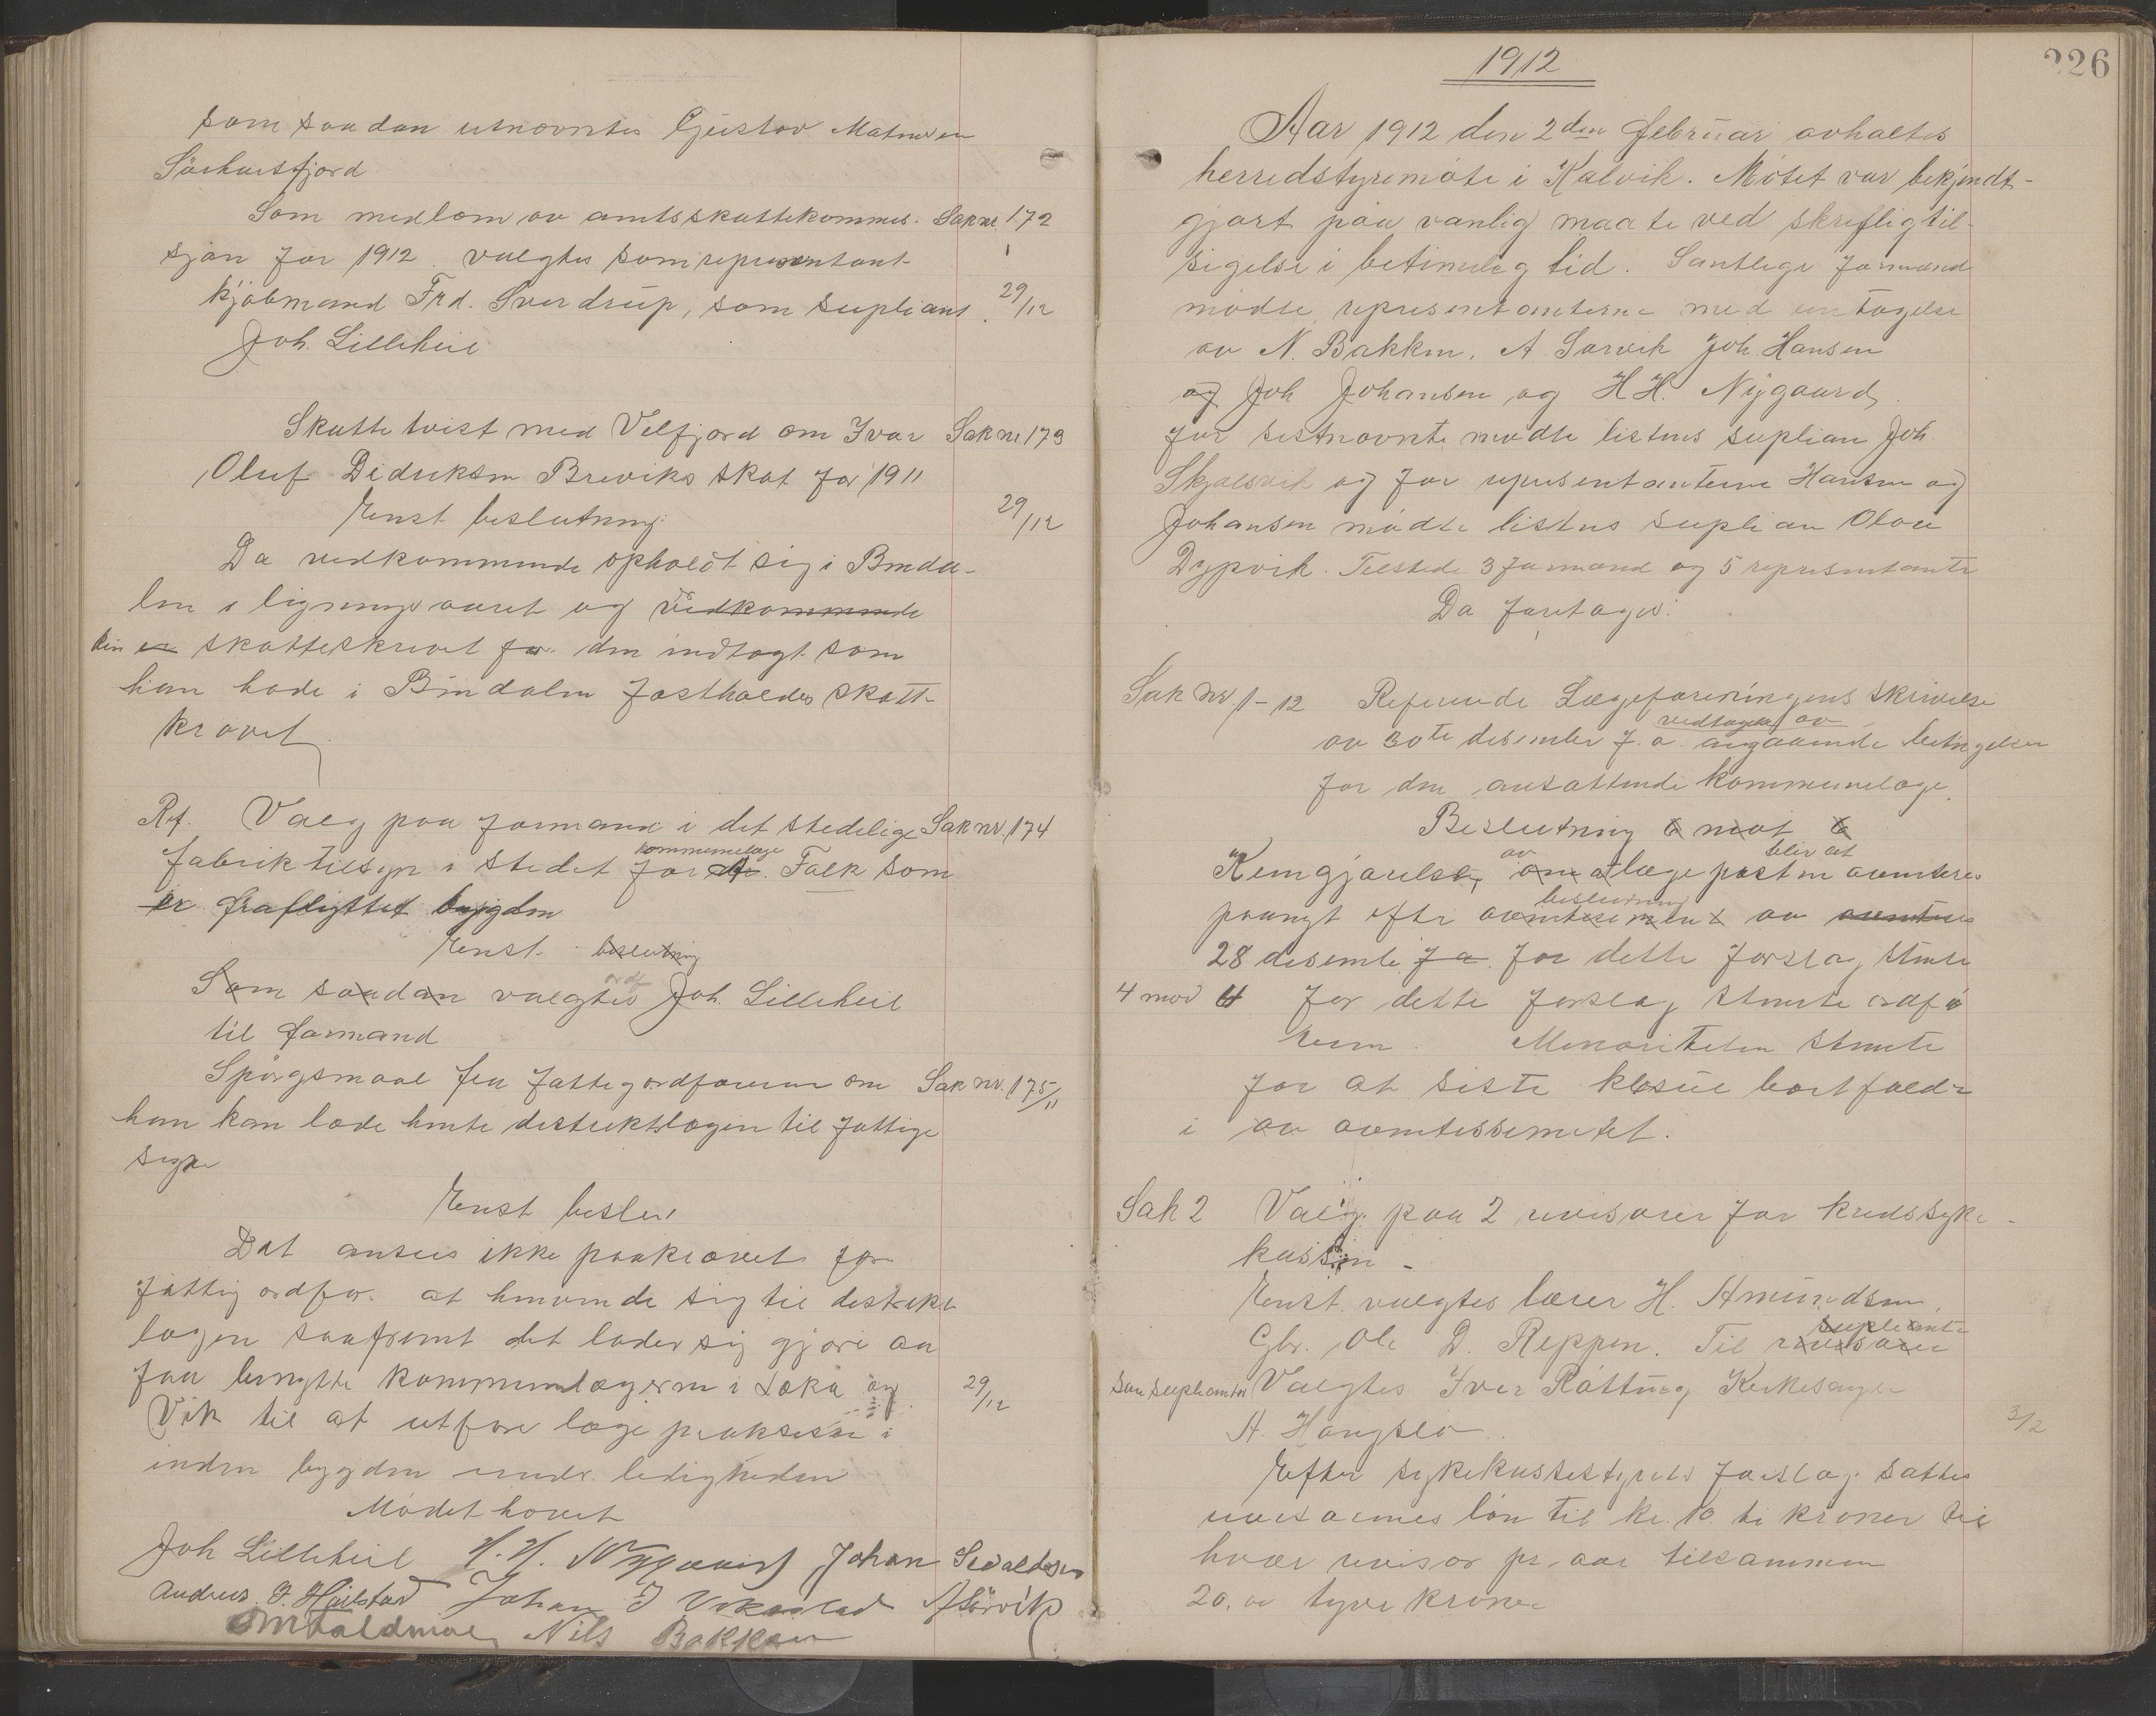 AIN, Bindal kommune. Formannskapet, A/Aa/L0000e: Møtebok, 1903-1914, s. 226